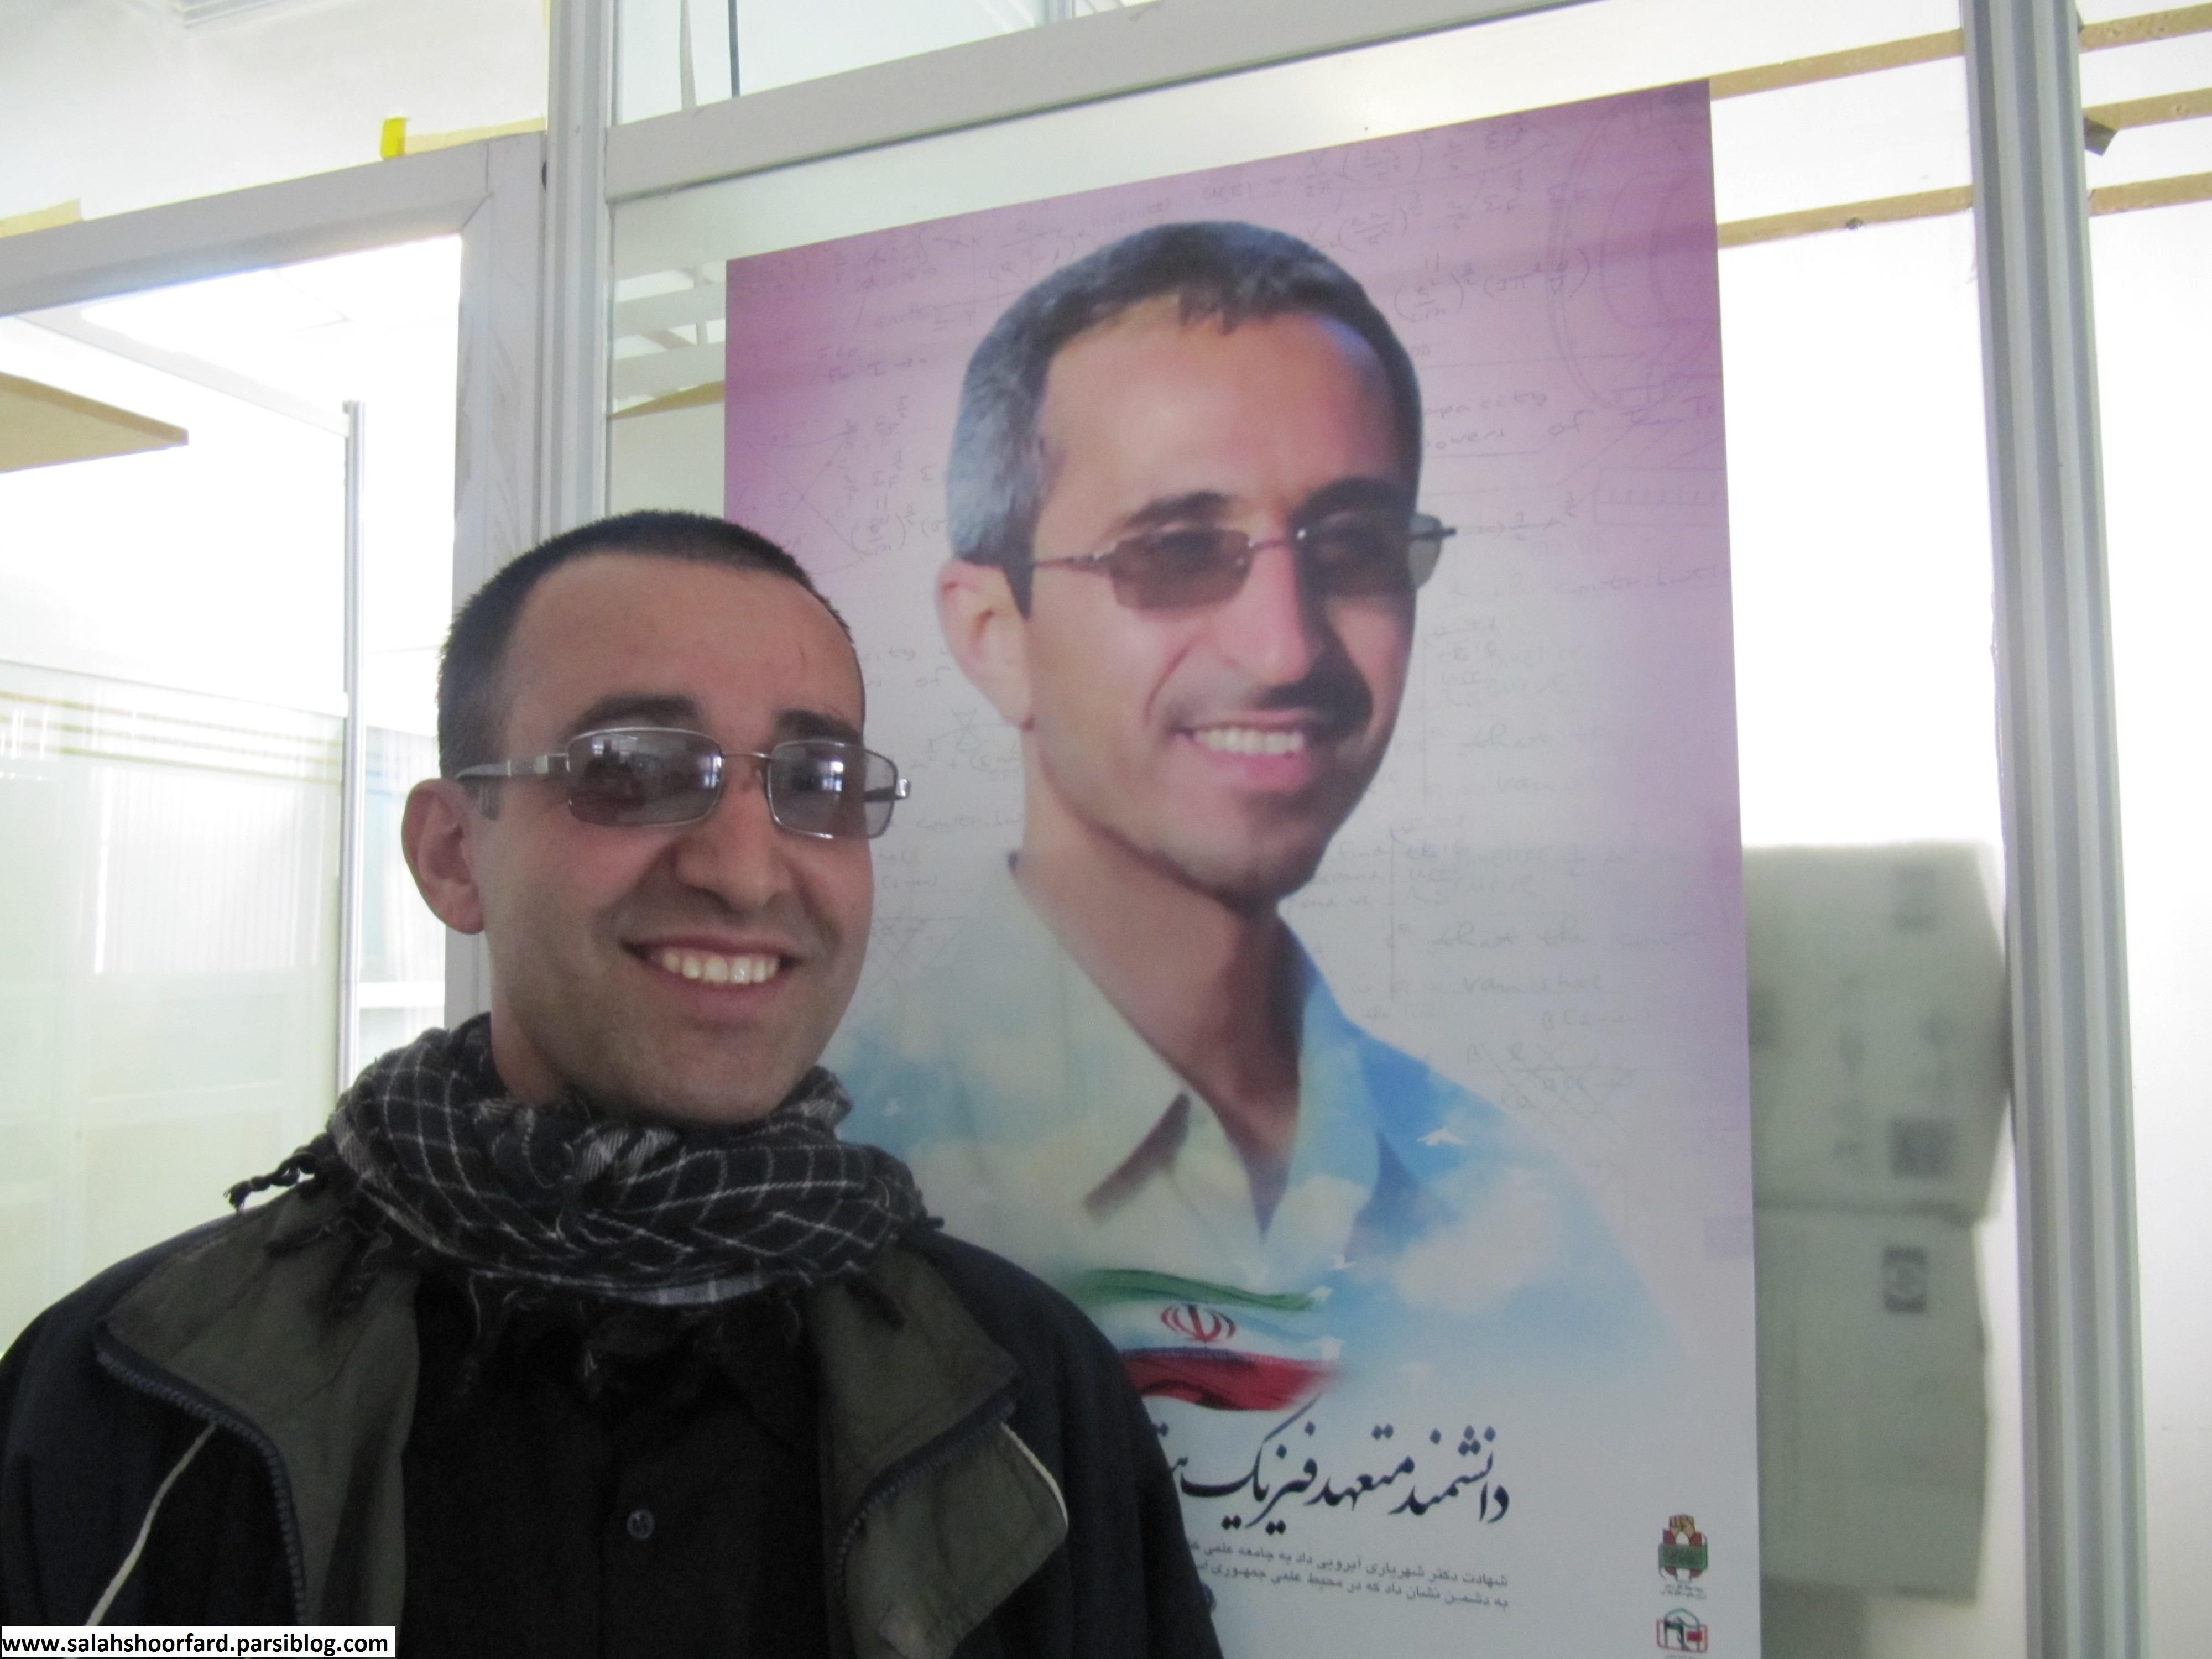 یکی از کارکنان دانشگاه شاهد در کنار پوستر شهید شهریاری